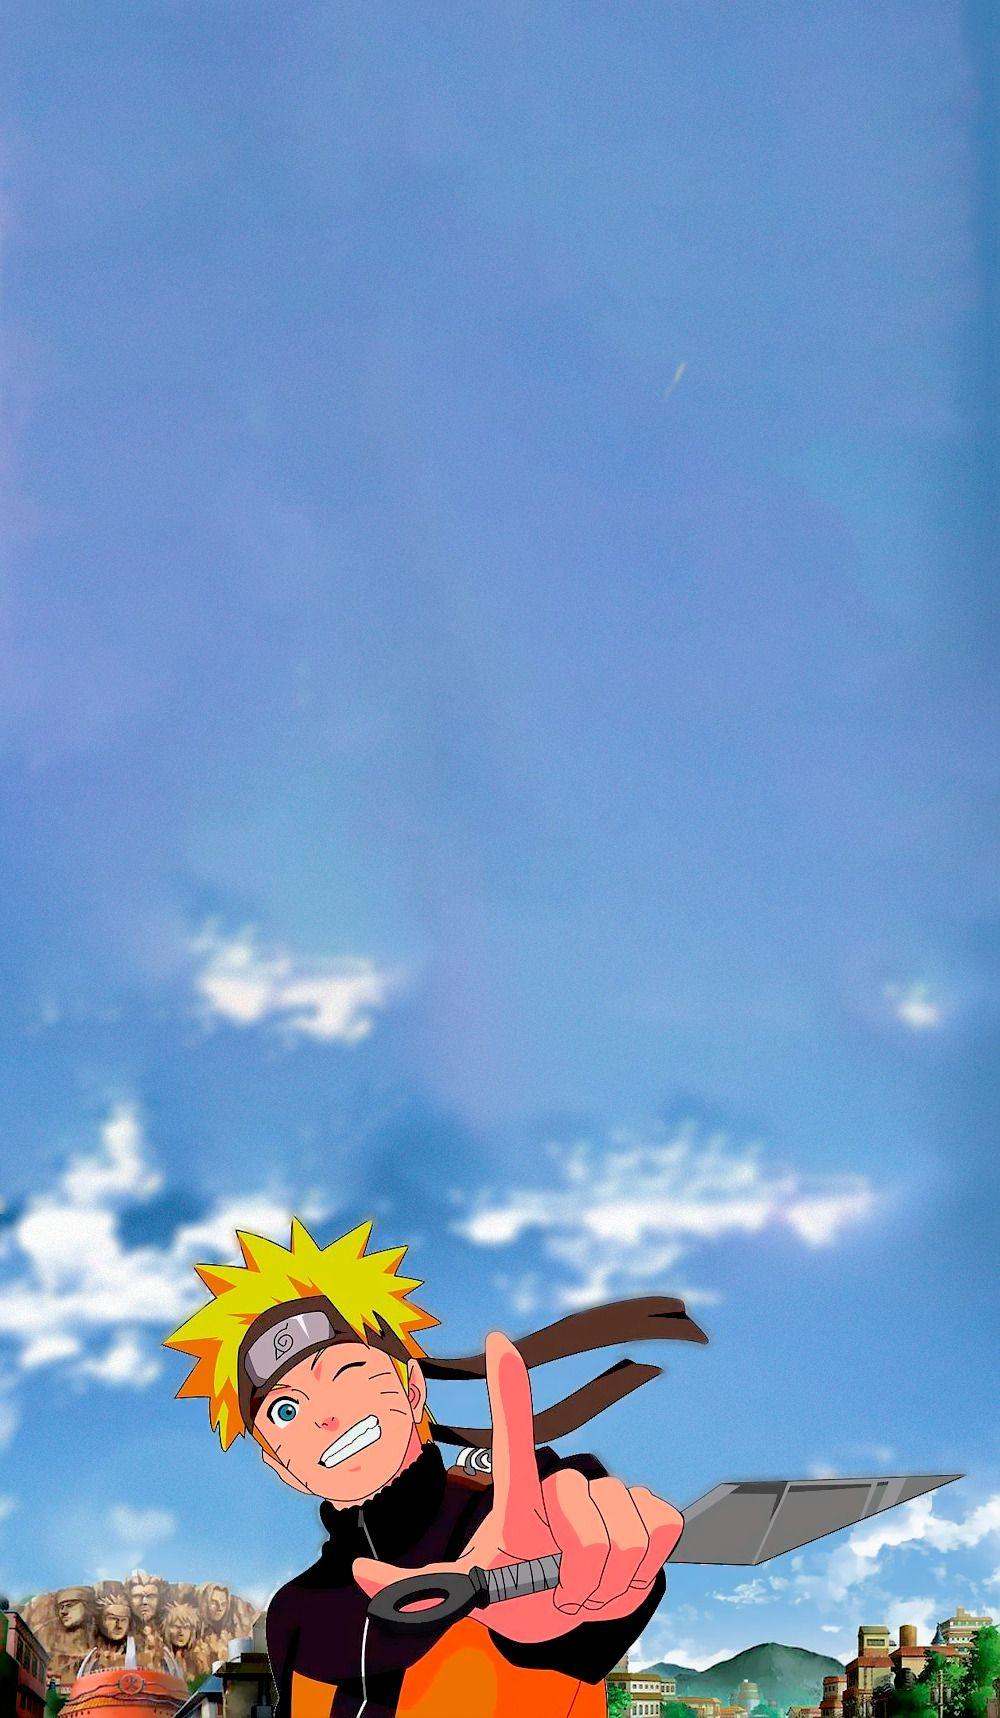 Naruto Wallpaper Wallpaper Naruto Shippuden Naruto Shippuden Anime Naruto Wallpaper Iphone